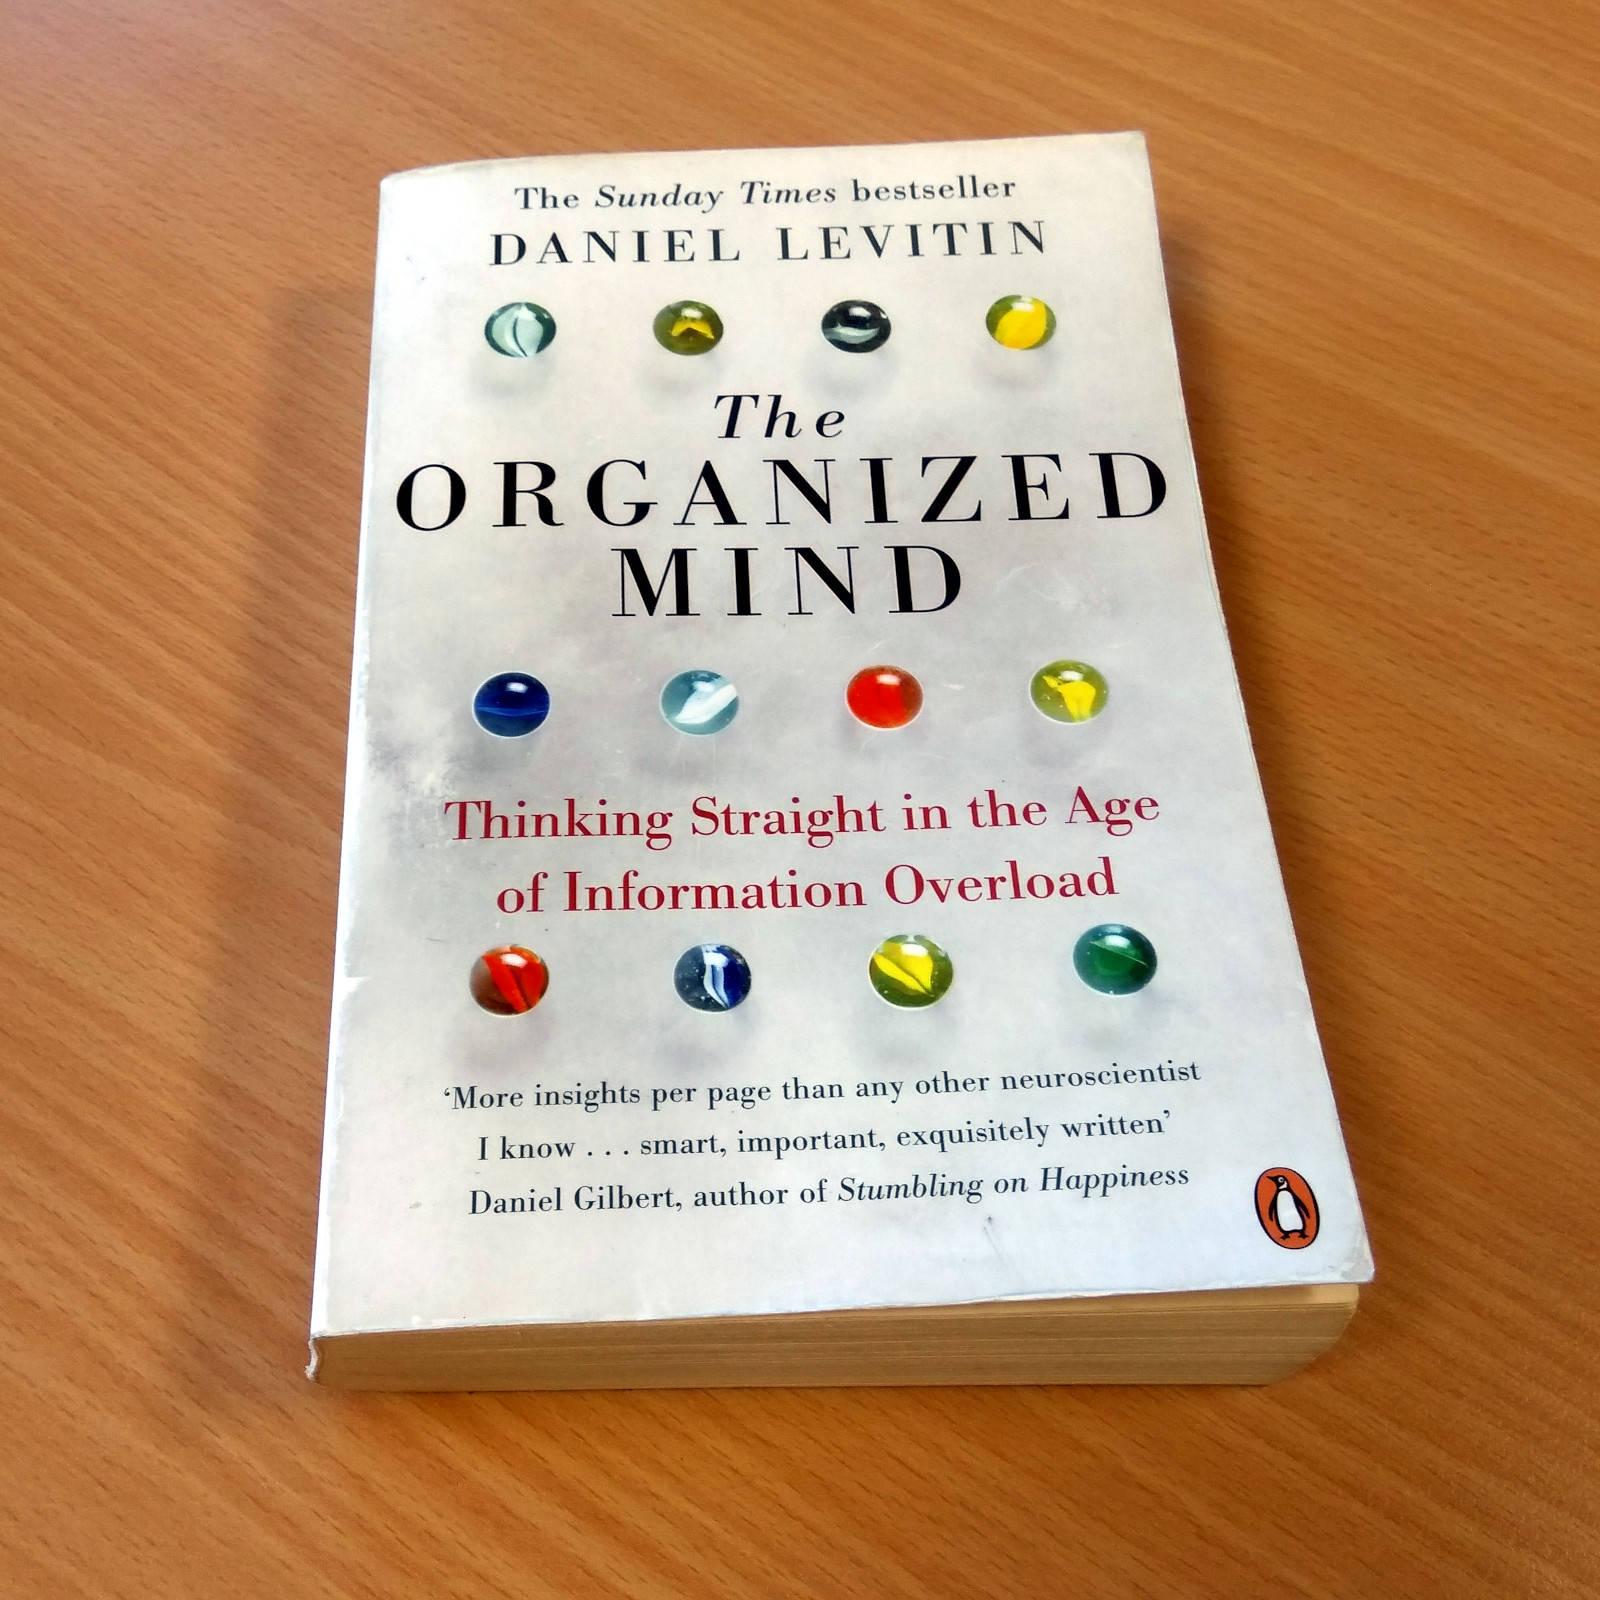 Knížku Organized Mind doporučujeme mírně pokročilým angličtinářům. Obsahuje řadu užitečných návodů pro každodenní použití.